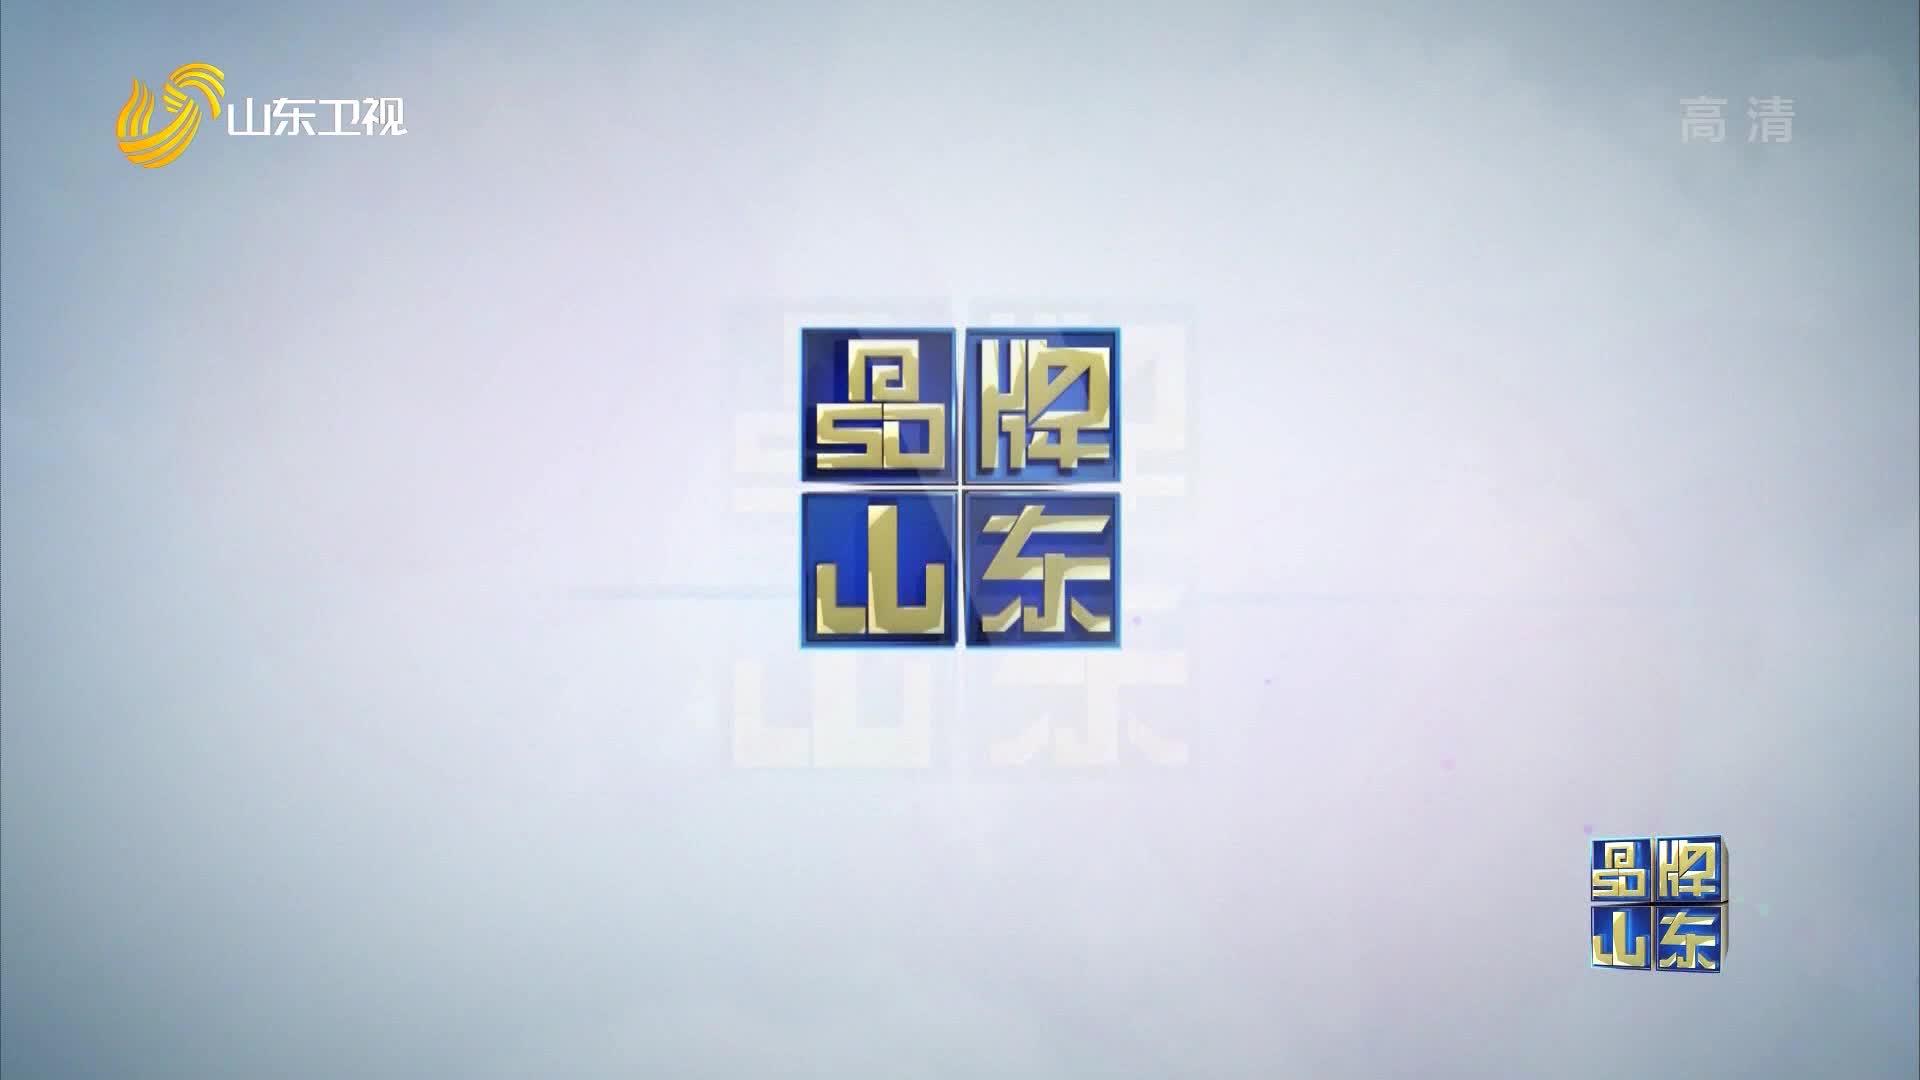 2021年01月24日《品牌山东》完整版